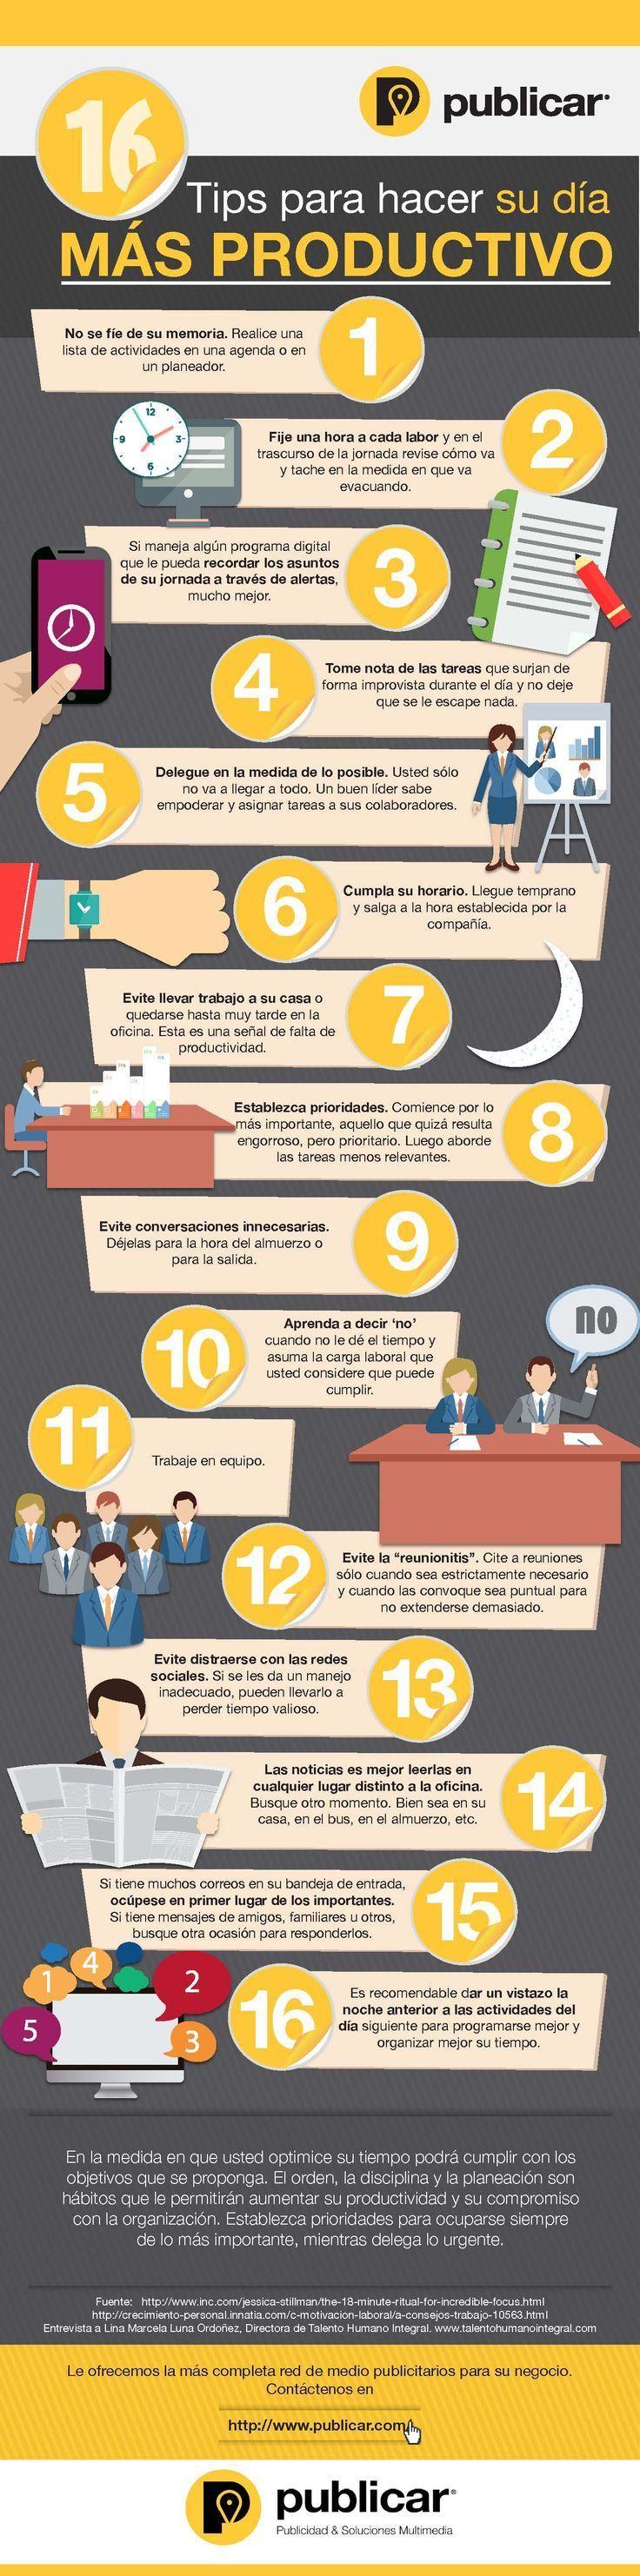 El ser más productivo durante su jornada laboral impactará los resultados de su empresa y le ayudará a aumentar las ventas.